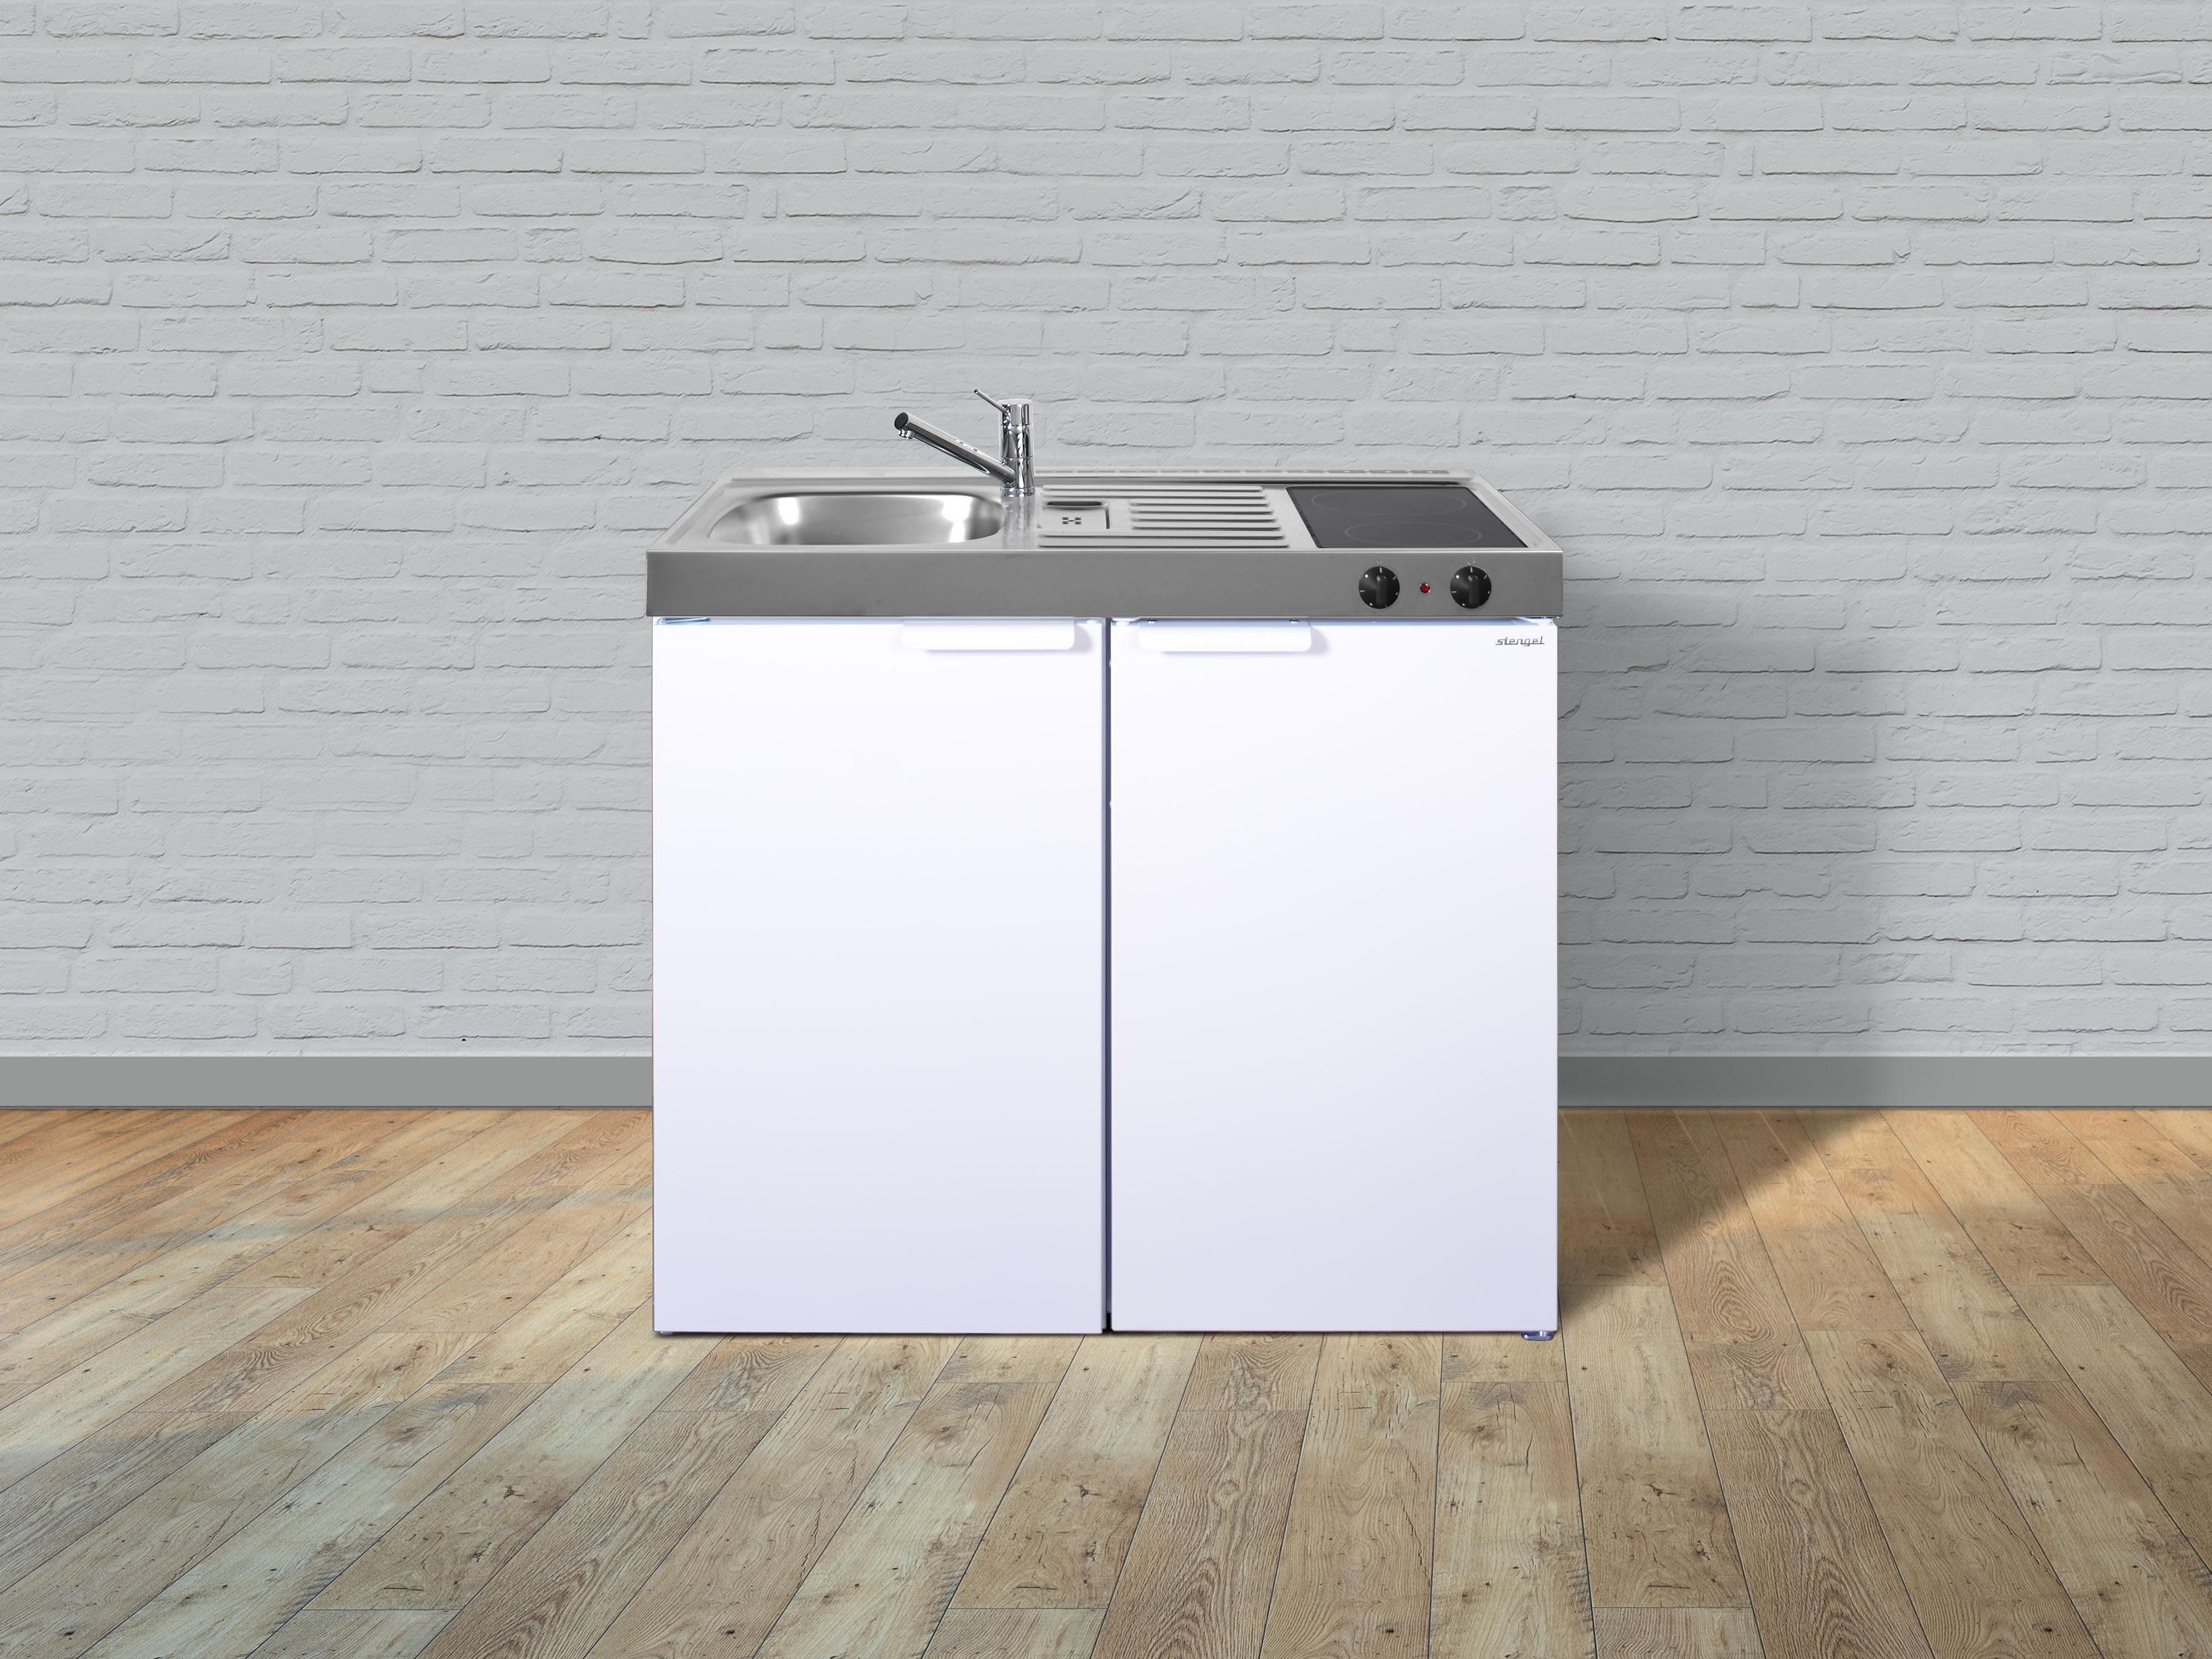 Miniküche Mit Kühlschrank Möbel Boss : Singleküche miniküchen online kaufen otto